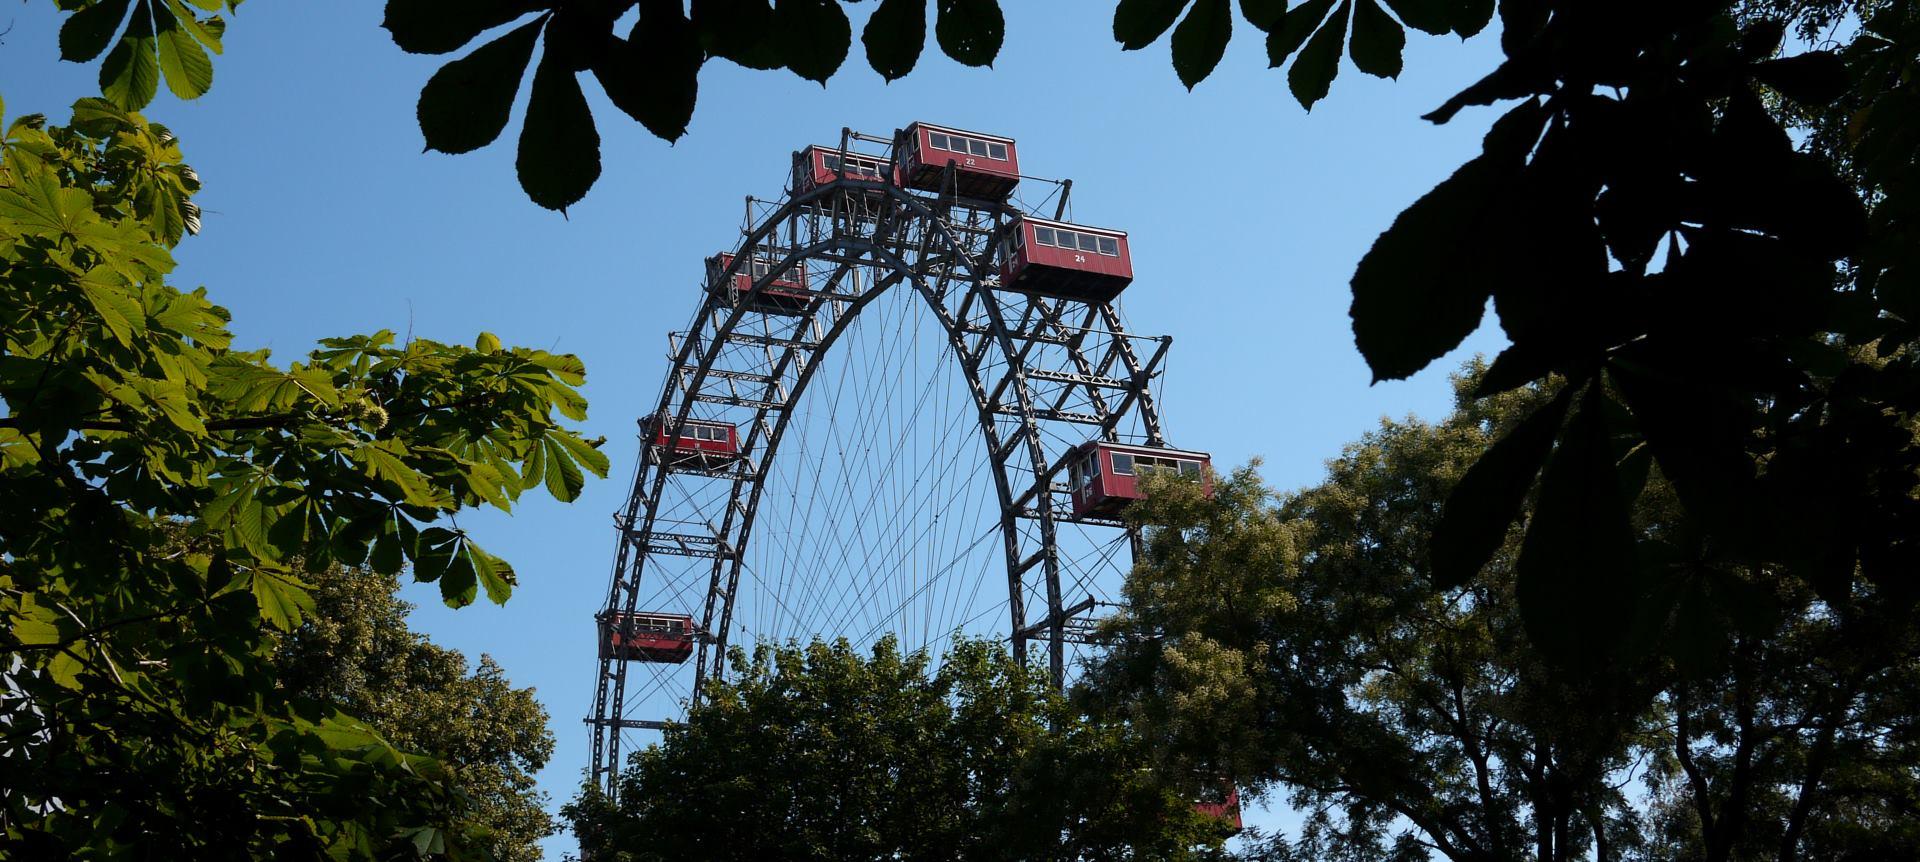 Grad Beč je najbolja europska turistička destinacija prema anketi časopisa Condé Nast Traveler